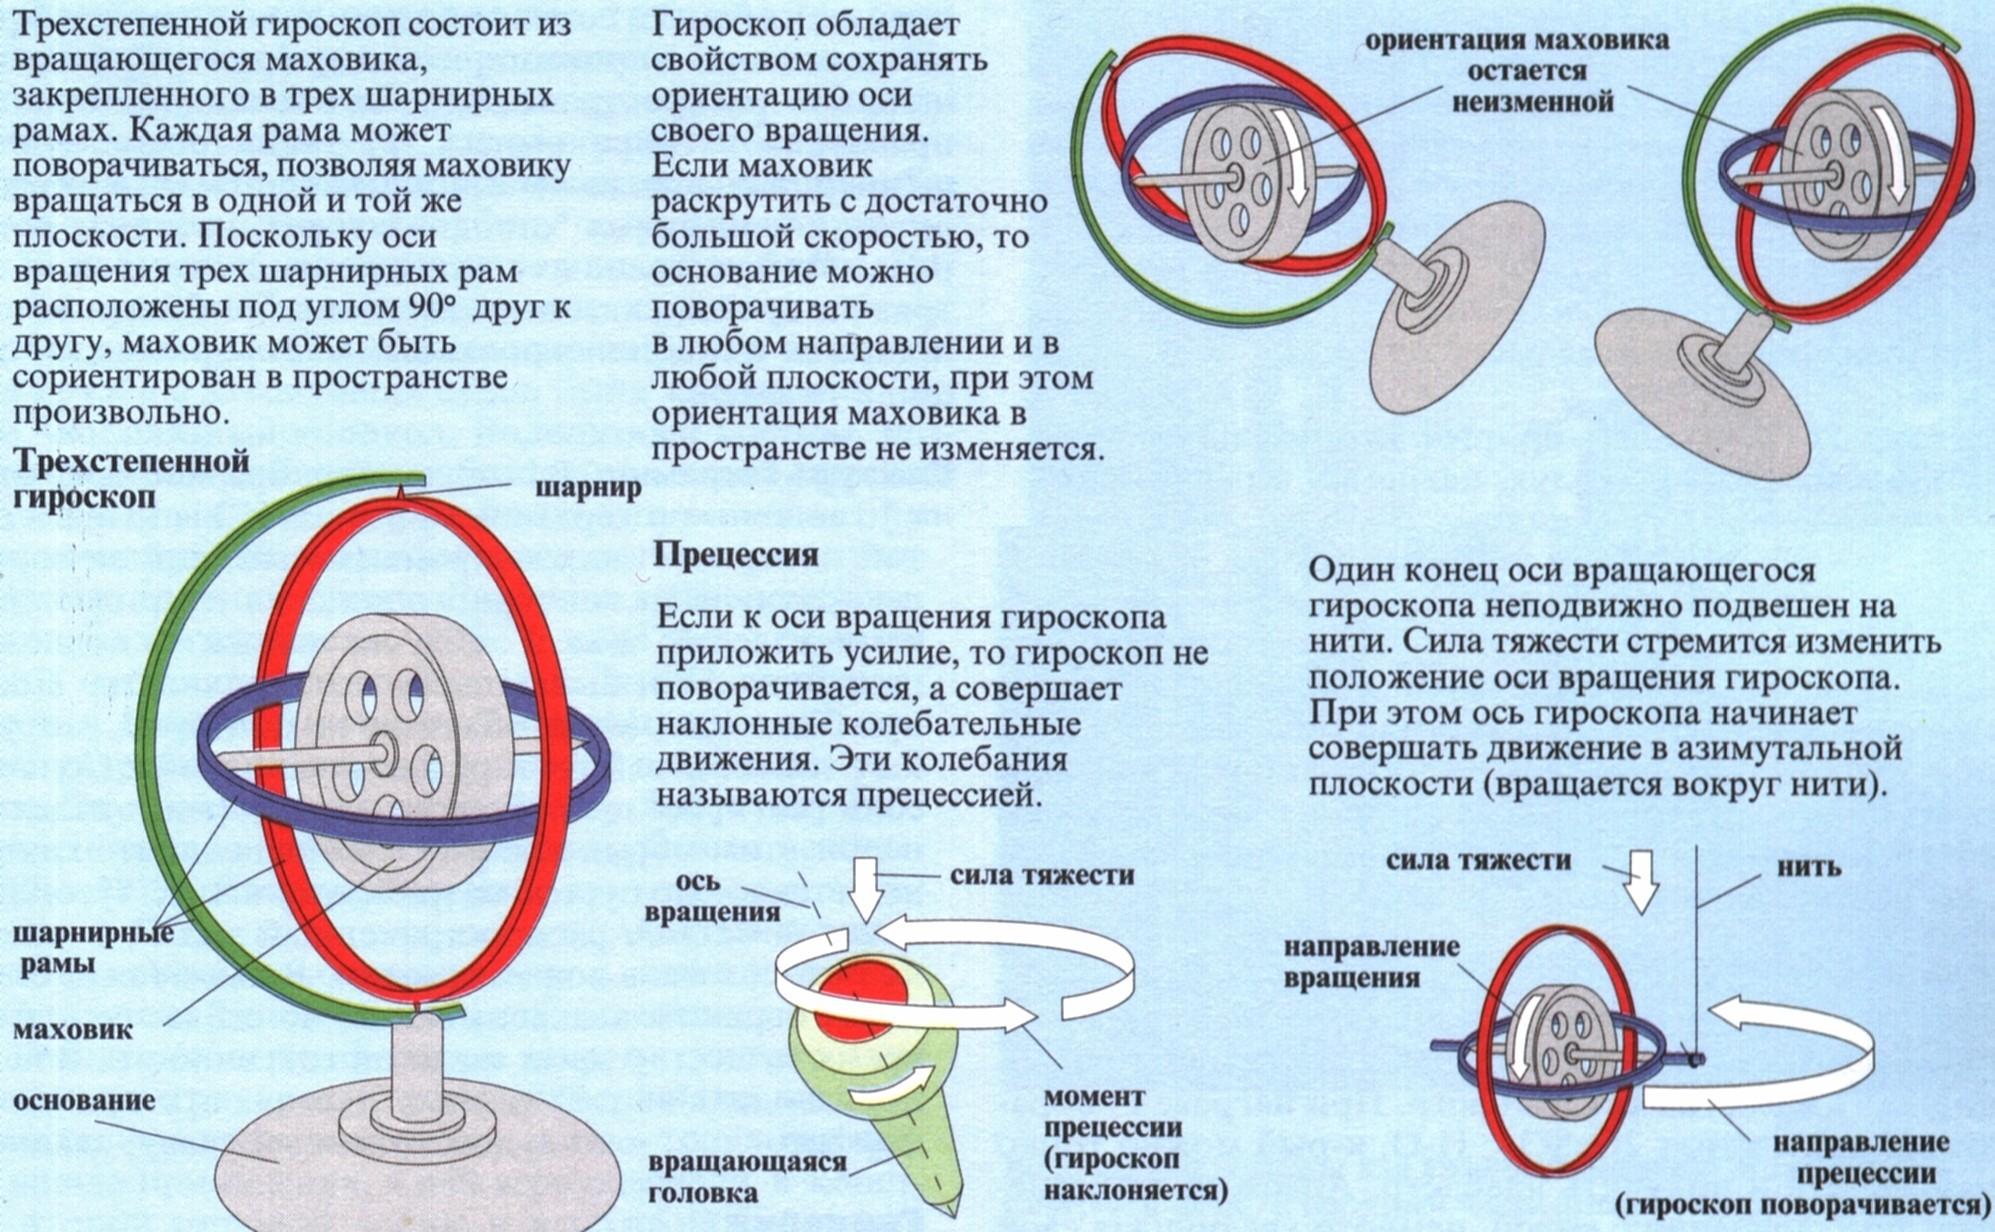 Гироскоп | энциклопедия кругосвет